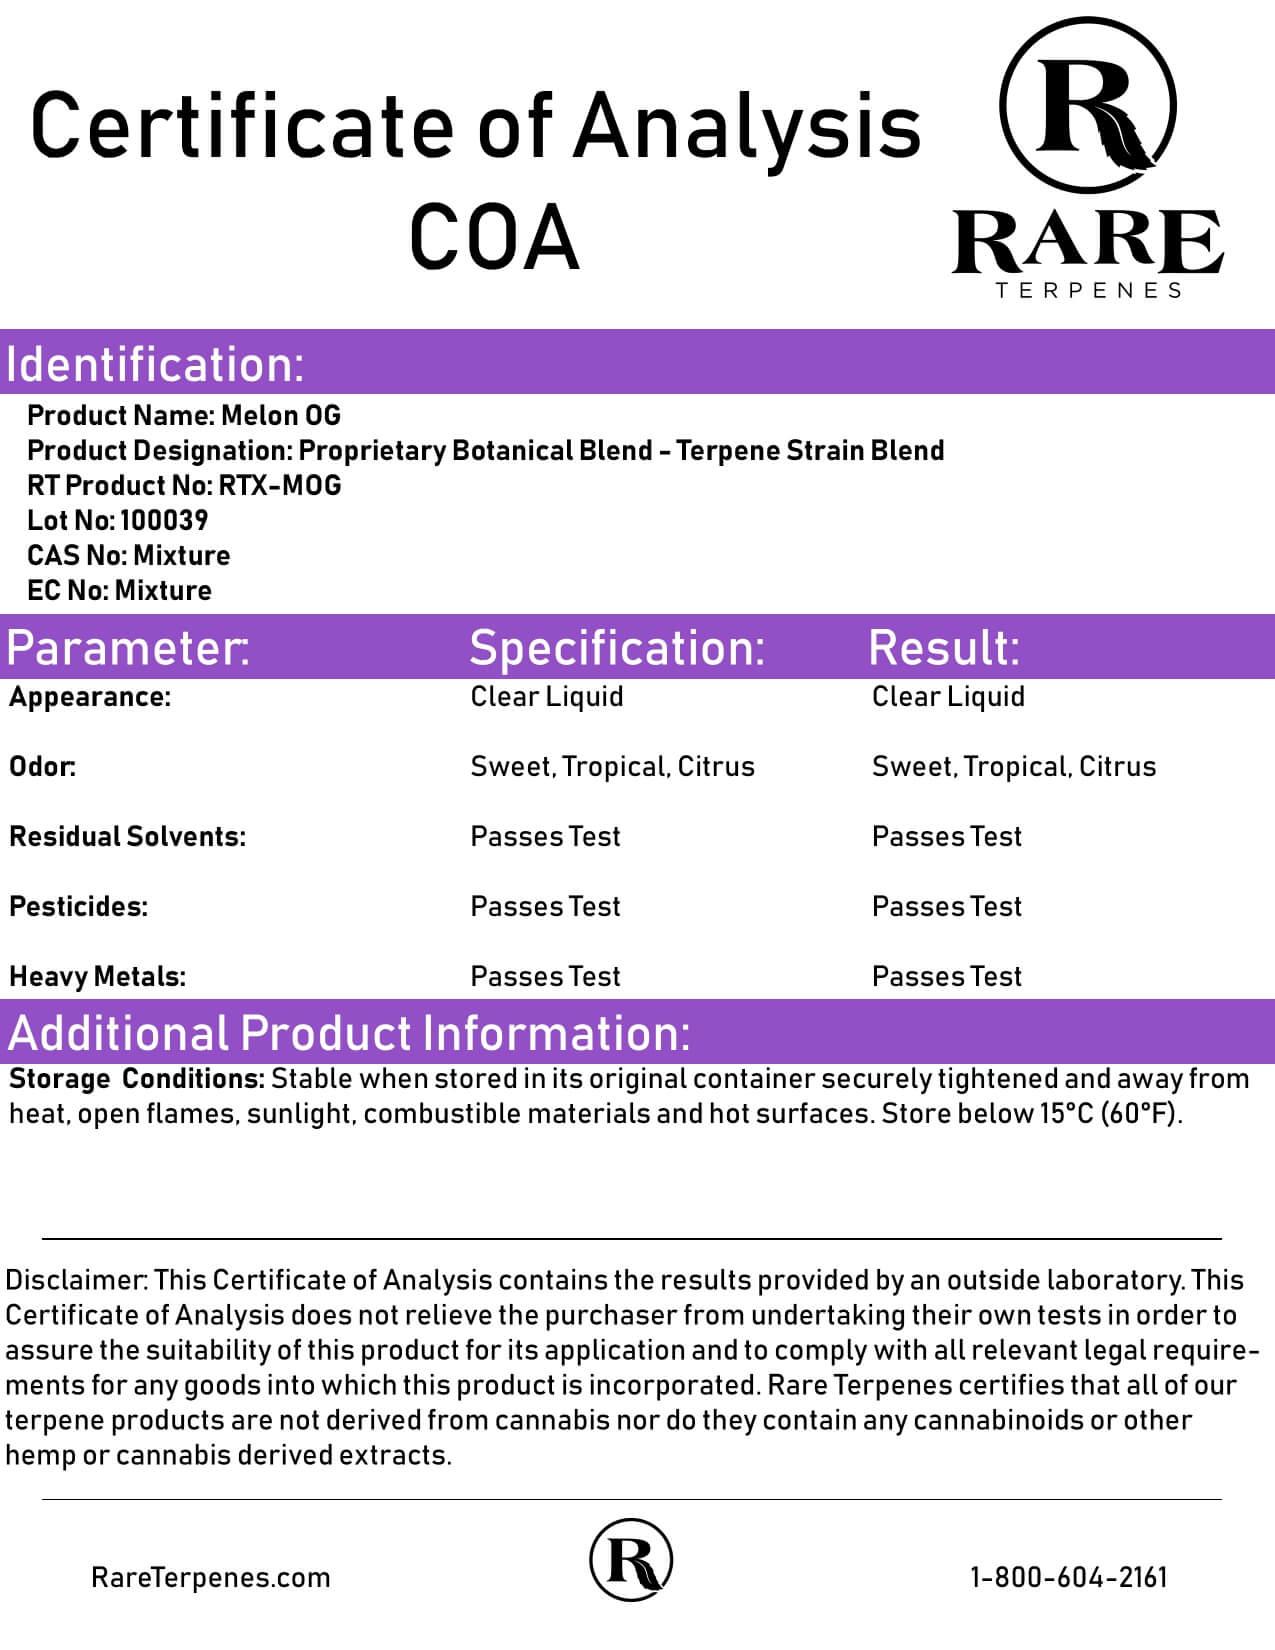 Rare Terpenes Tepene Strain Blends Melon OG Lab Report